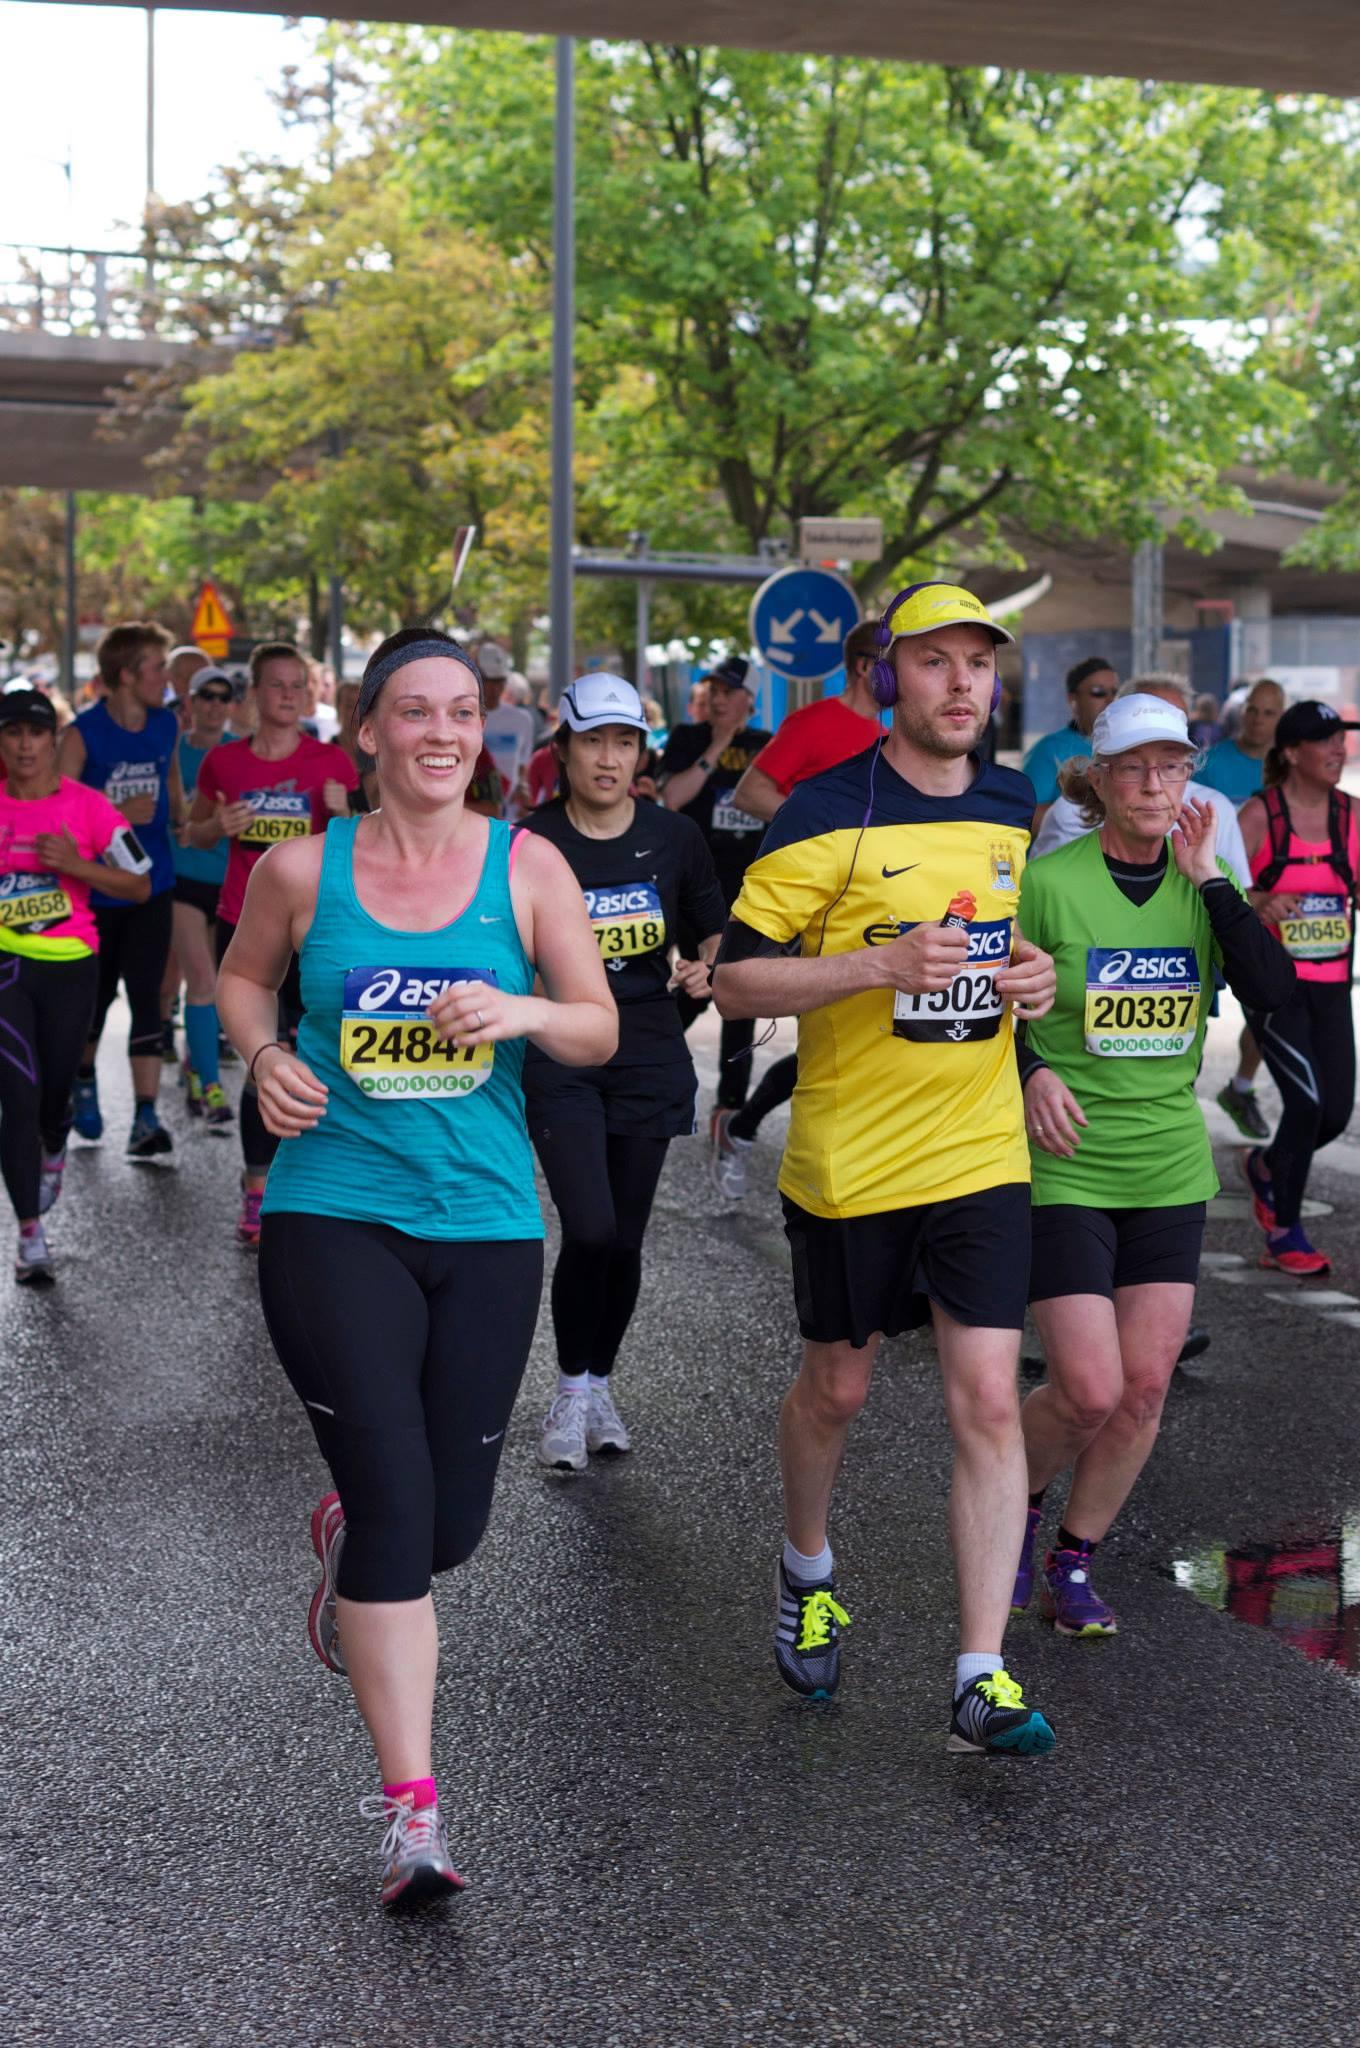 Anita running the marathon